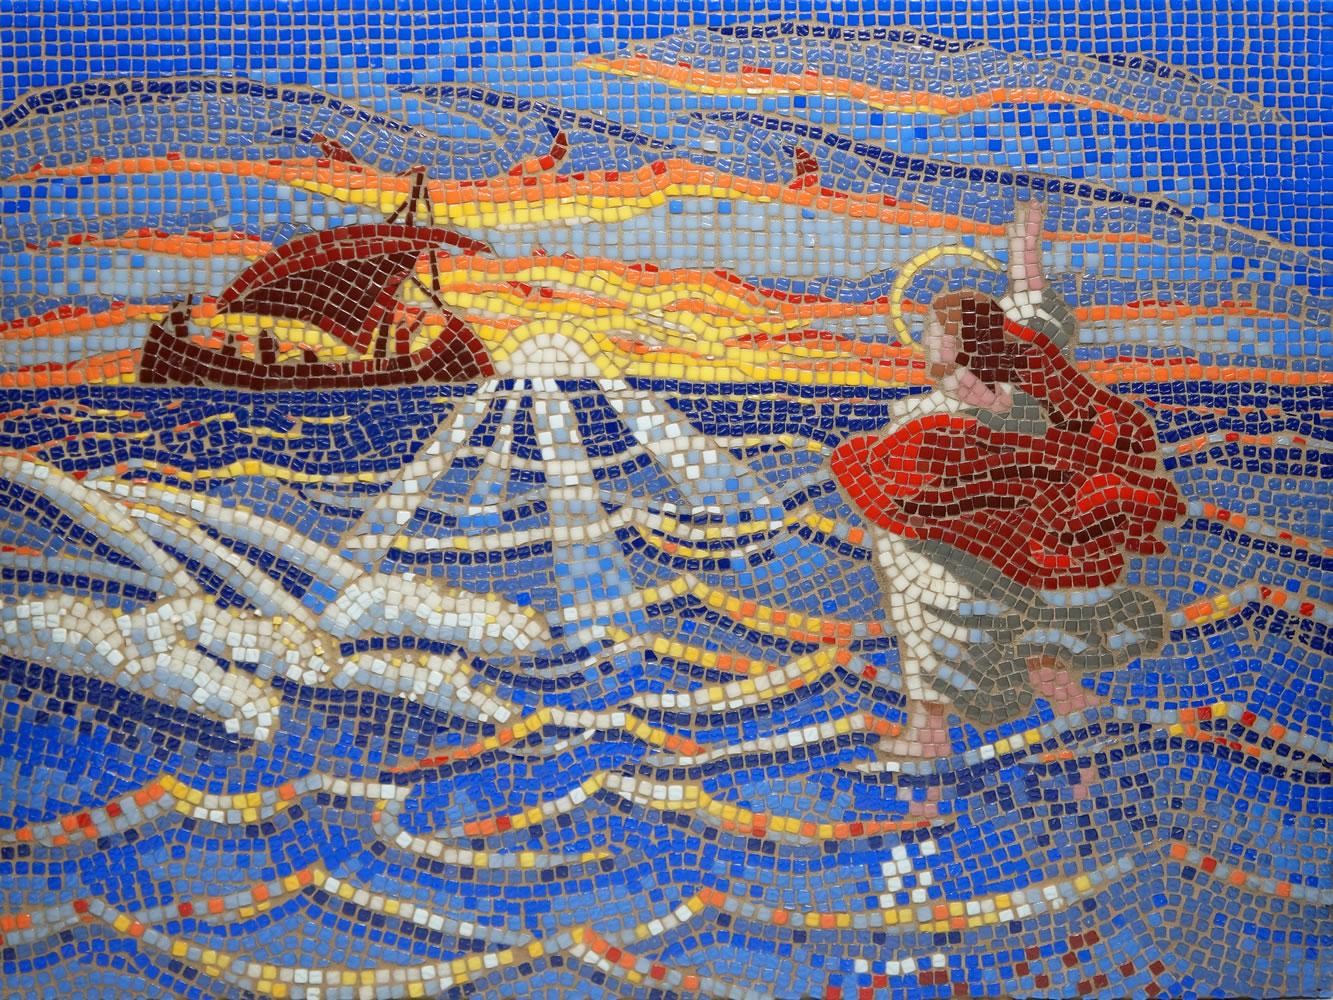 Be Not Afraid-Mosaic_enhanced_etsy.jpg